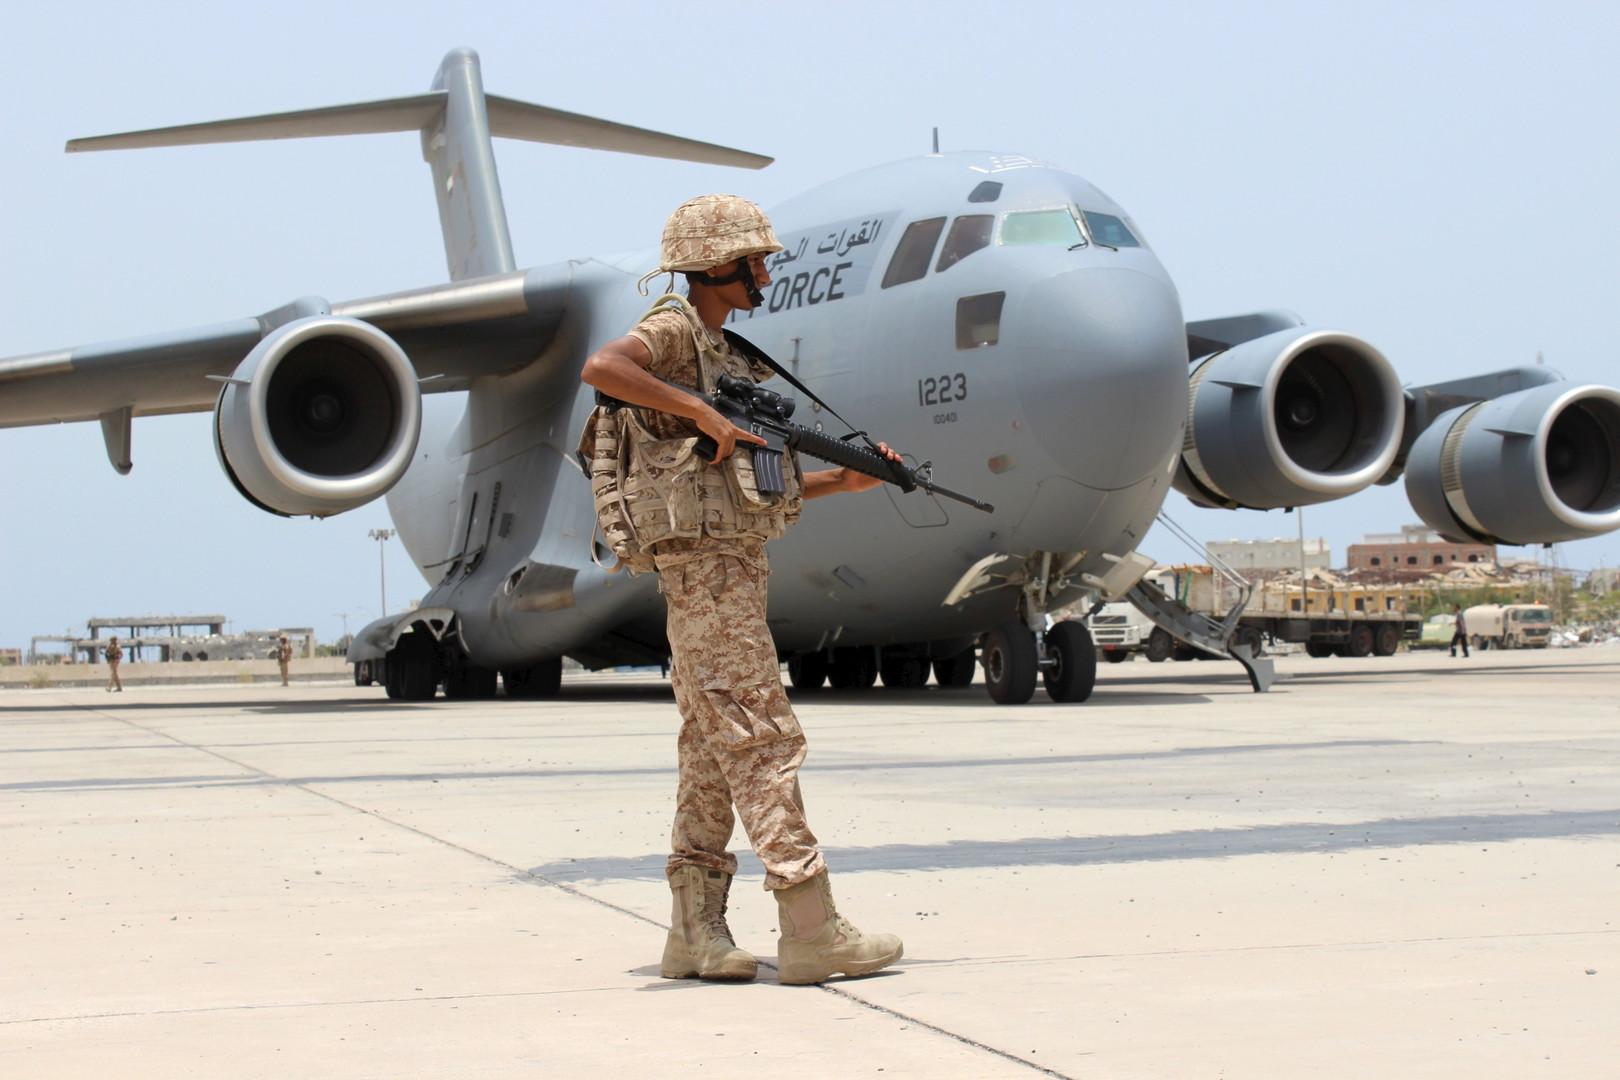 نيويورك تايمز: الإمارات لم تستجب لنداءات السعوديين للتراجع عن قرار سحب قواتها من اليمن